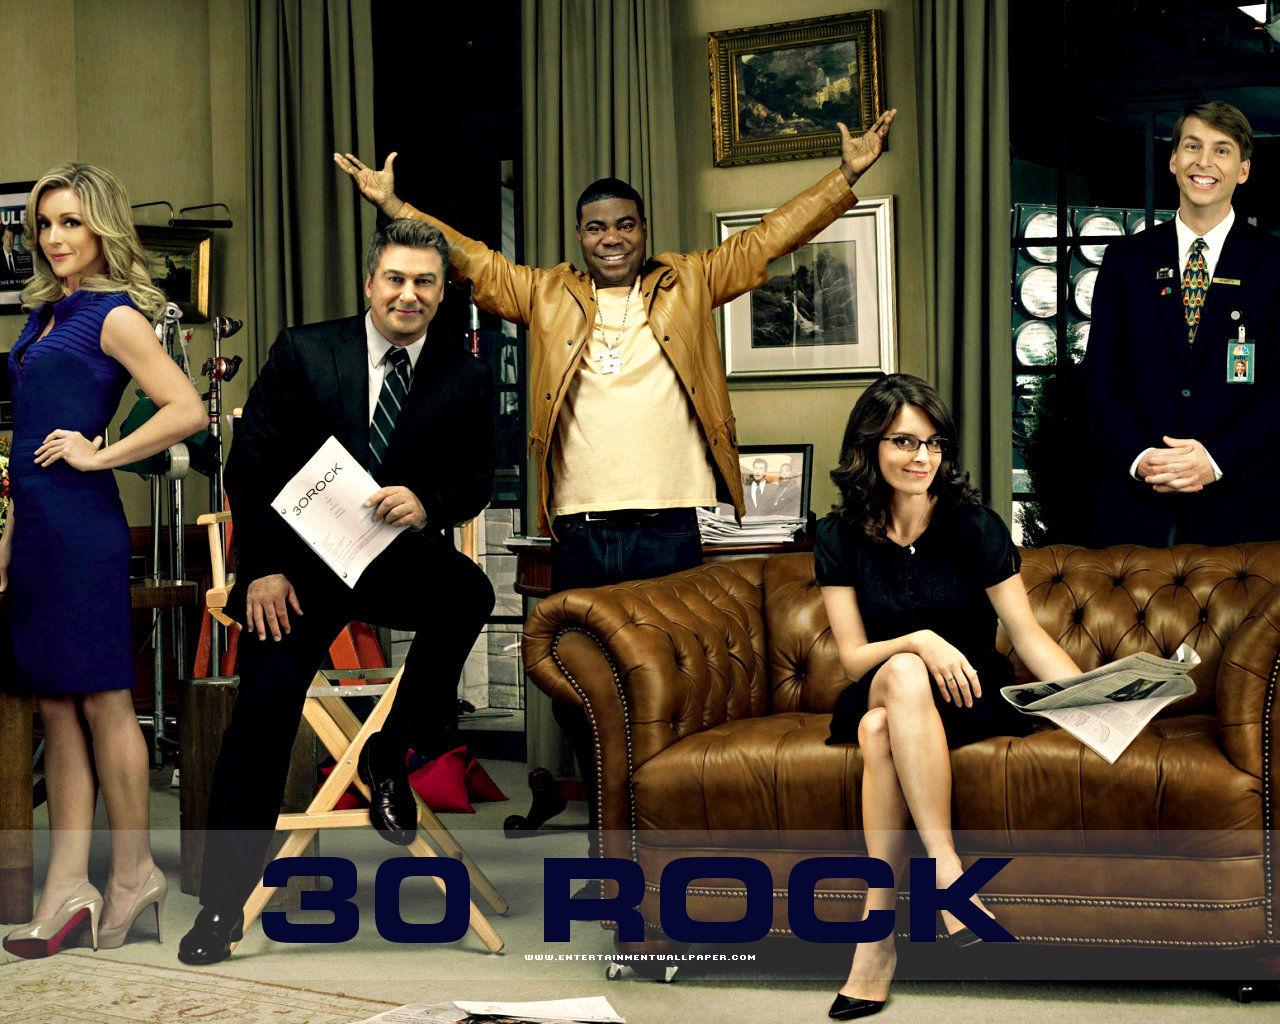 http://3.bp.blogspot.com/_fSQN0-F16Qs/S7uuC0taxoI/AAAAAAAAAOA/-Ky_8hzRPzg/s1600/30+rock.jpg